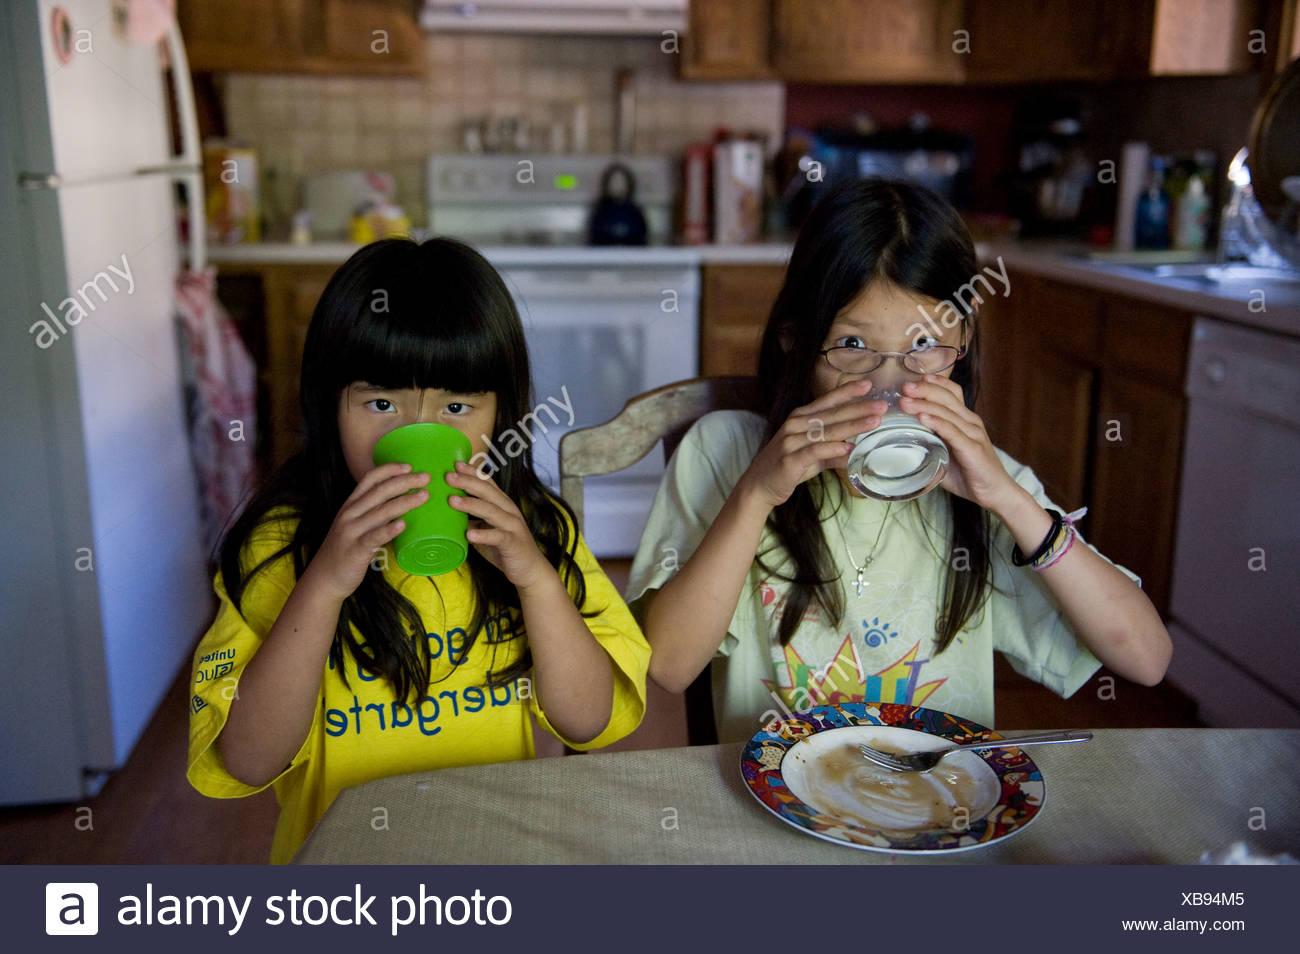 Deux jeunes filles boivent leur lait avant de se rendre à l'école. Photo Stock